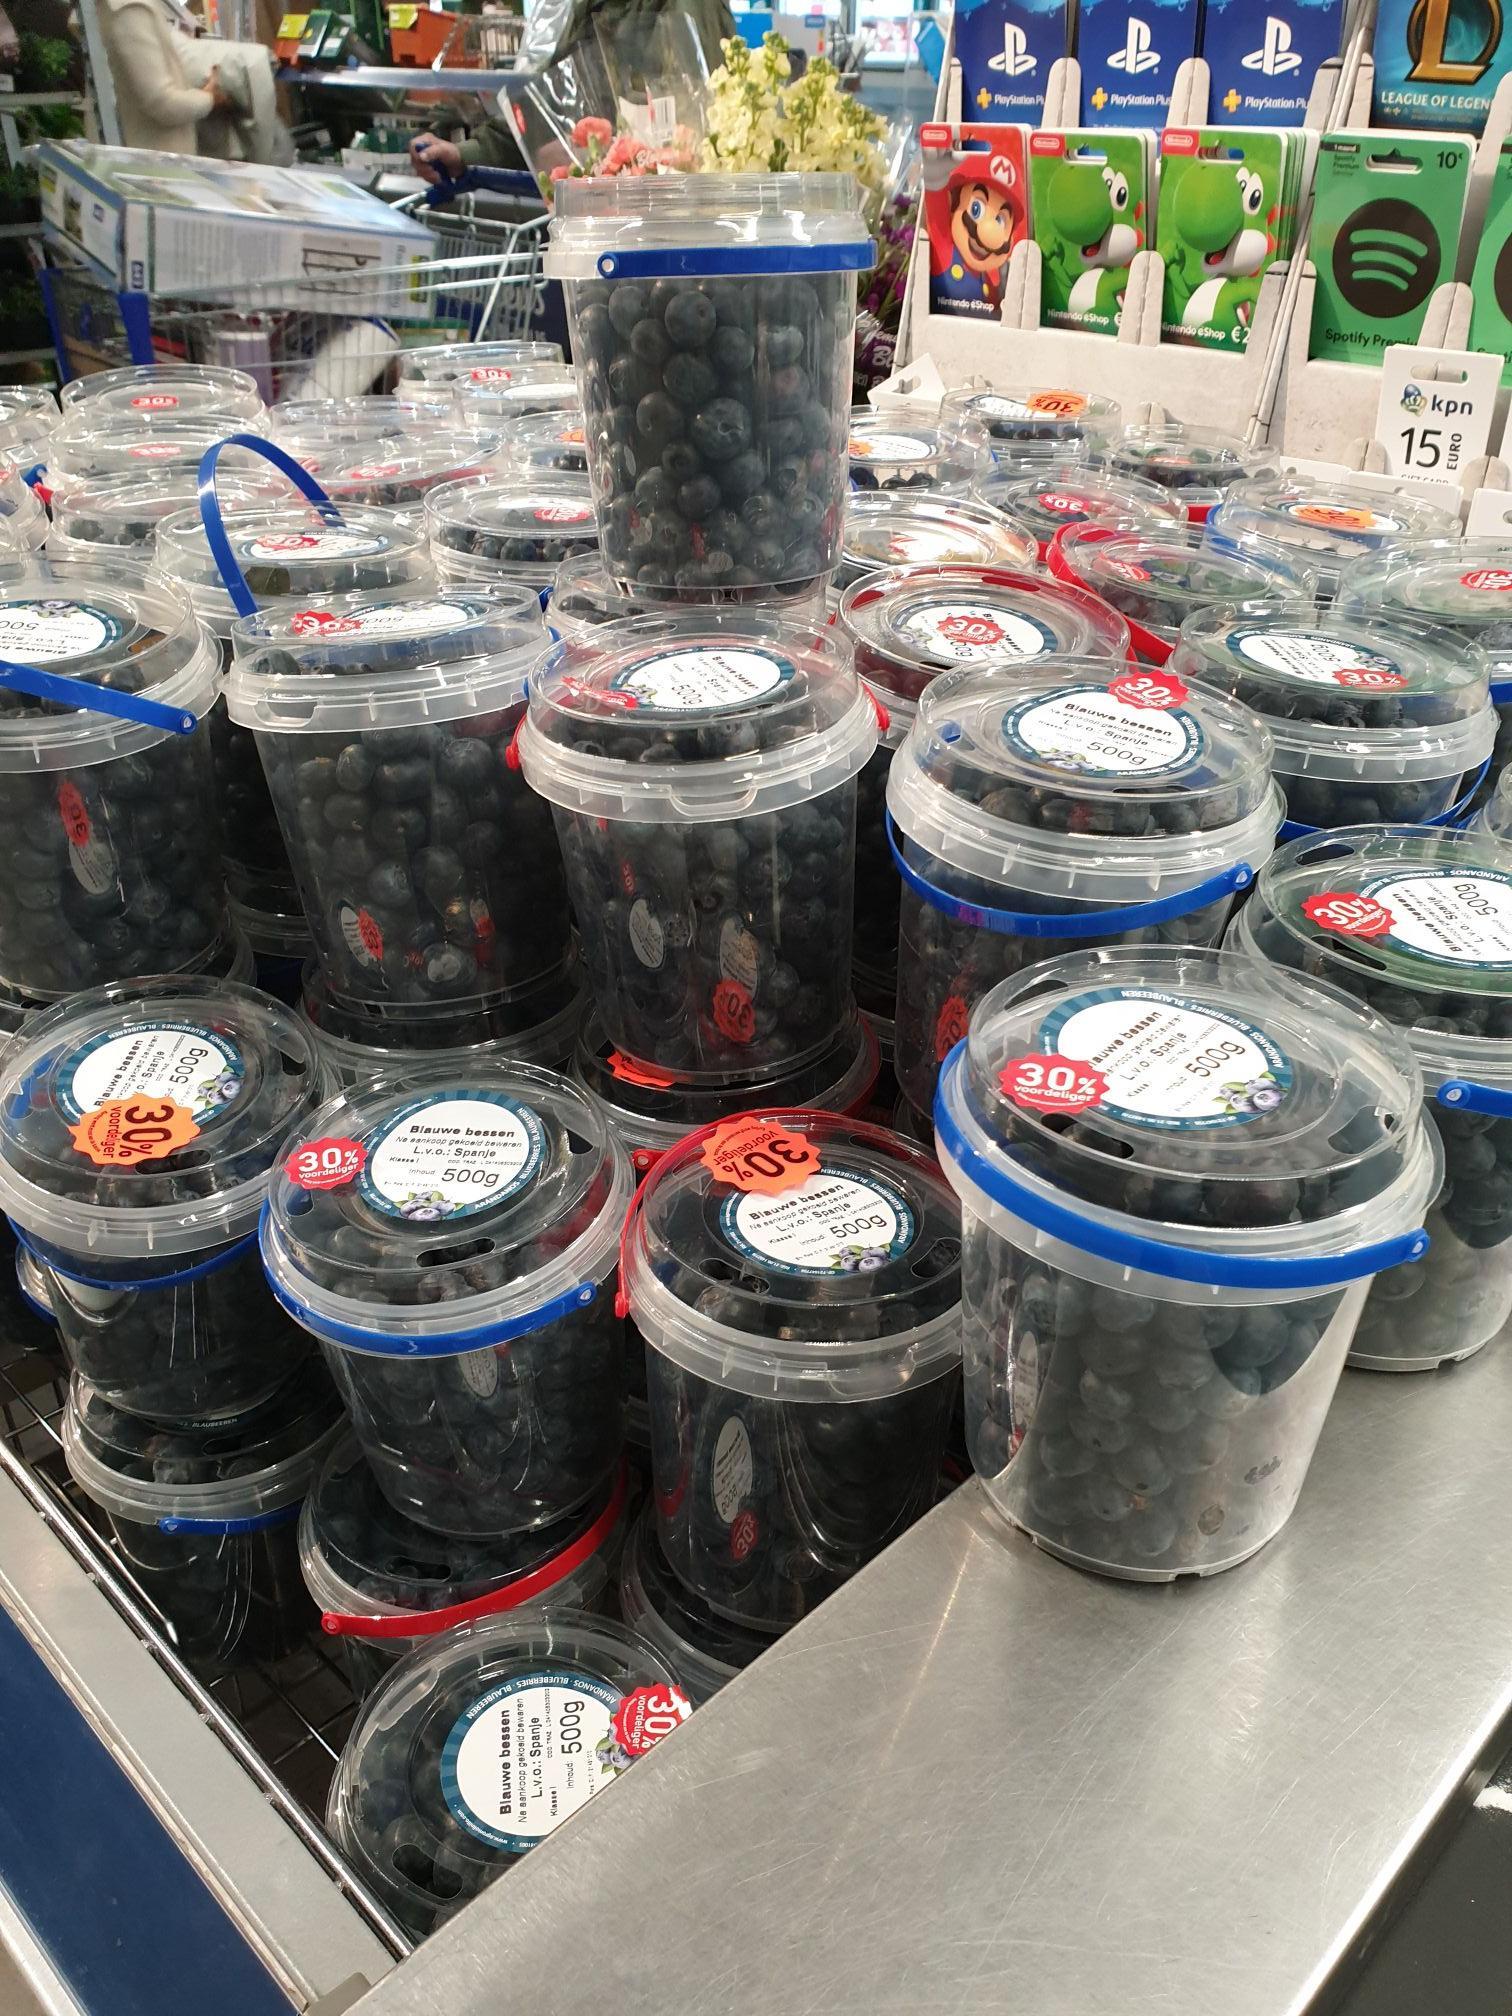 Aldi blauwe bessen 500 gram €2.49 -30% = €1.74